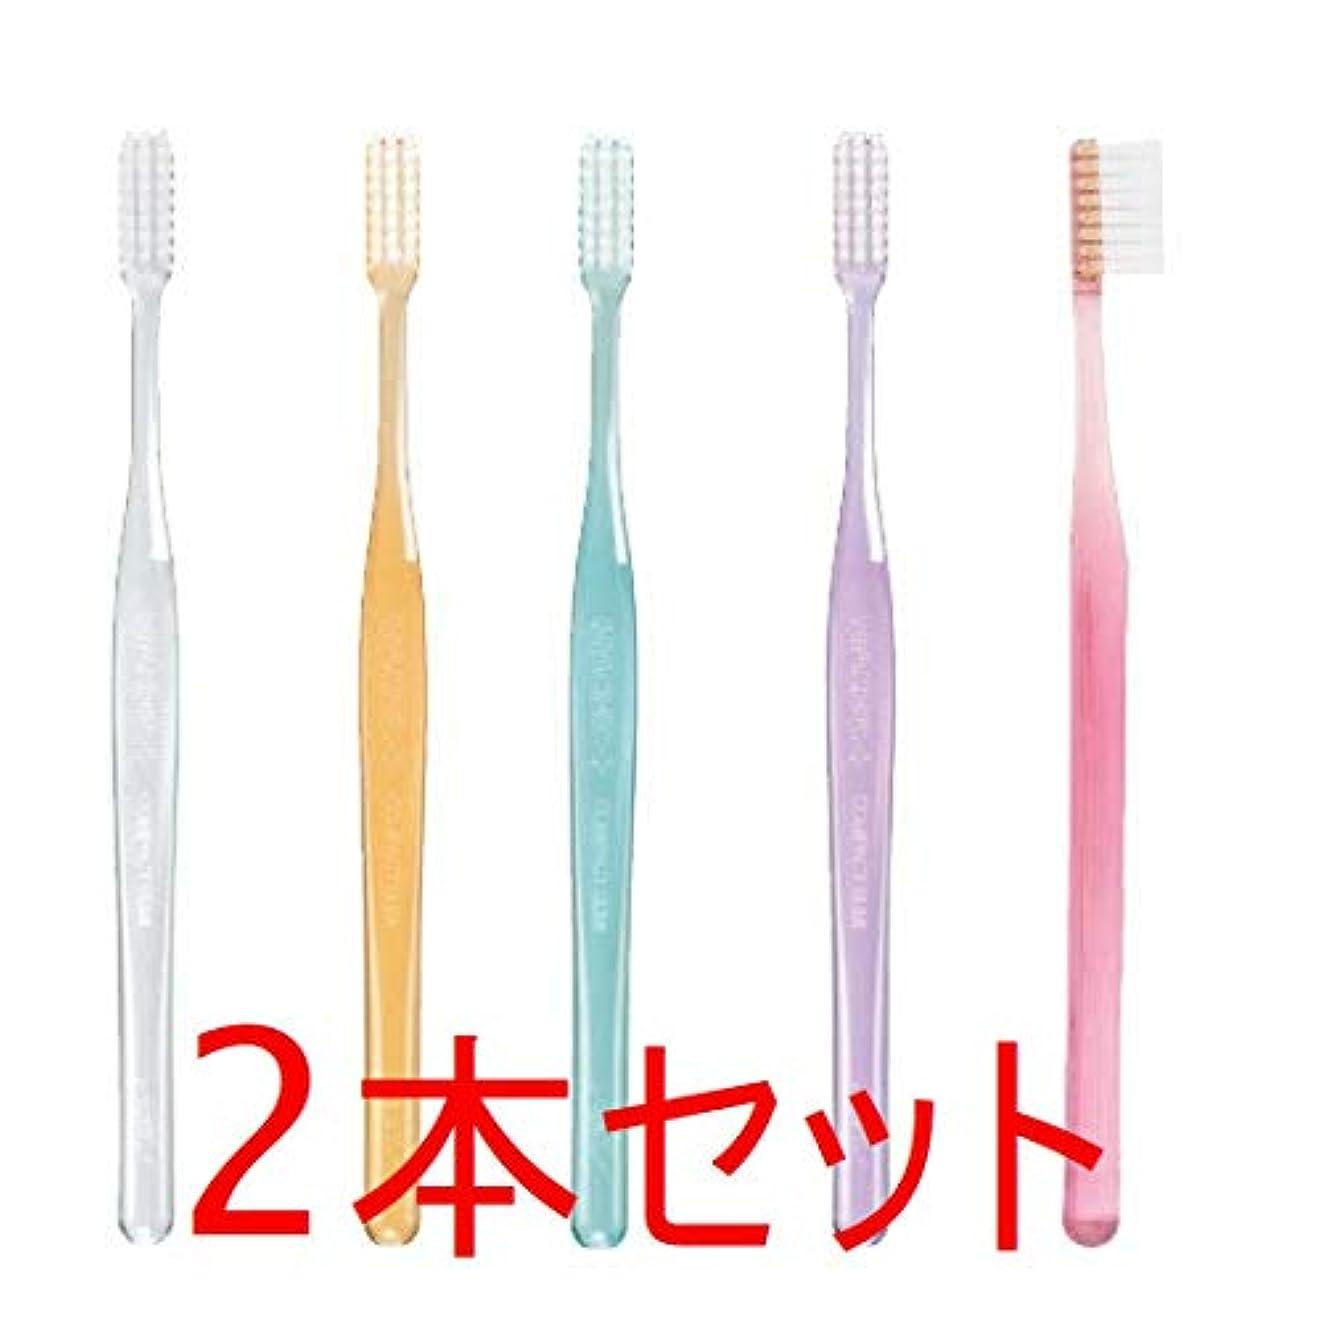 保安卑しい利得GC プロスペック 歯ブラシ プラス コンパクトスリム 2本 クリアー色 (M(ふつう), おまかせ)